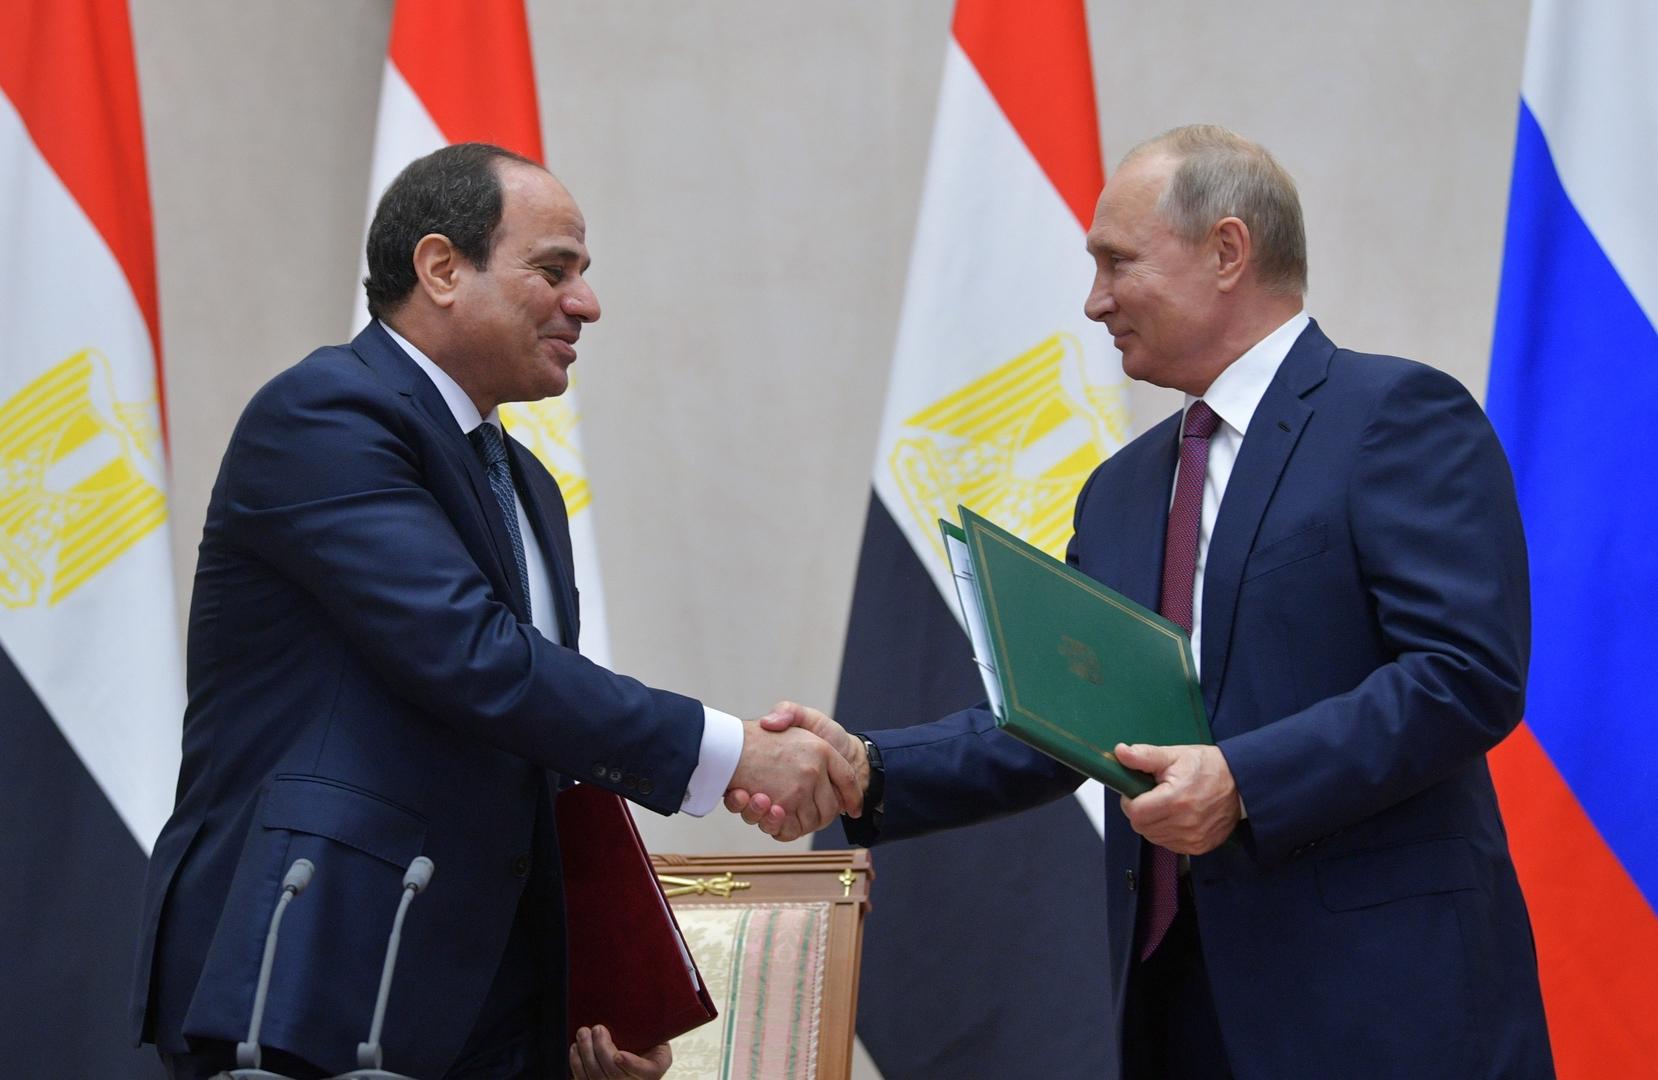 استئناف الرحلات والتعاون الاستراتيجي وليبيا.. الكرملين يكشف فحوى اتصال بوتين مع السيسي